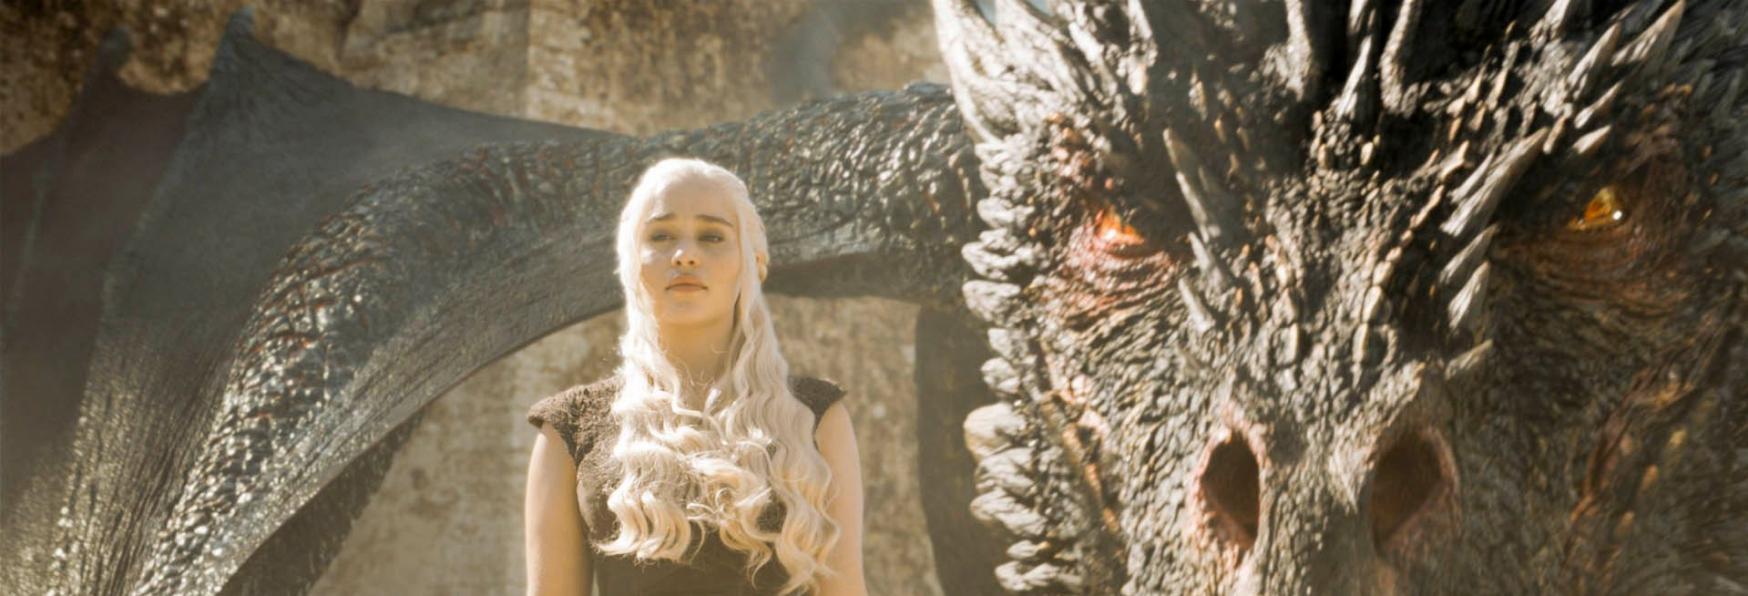 House of the Dragon: il primo Teaser Trailer del prequel di Game of Thrones